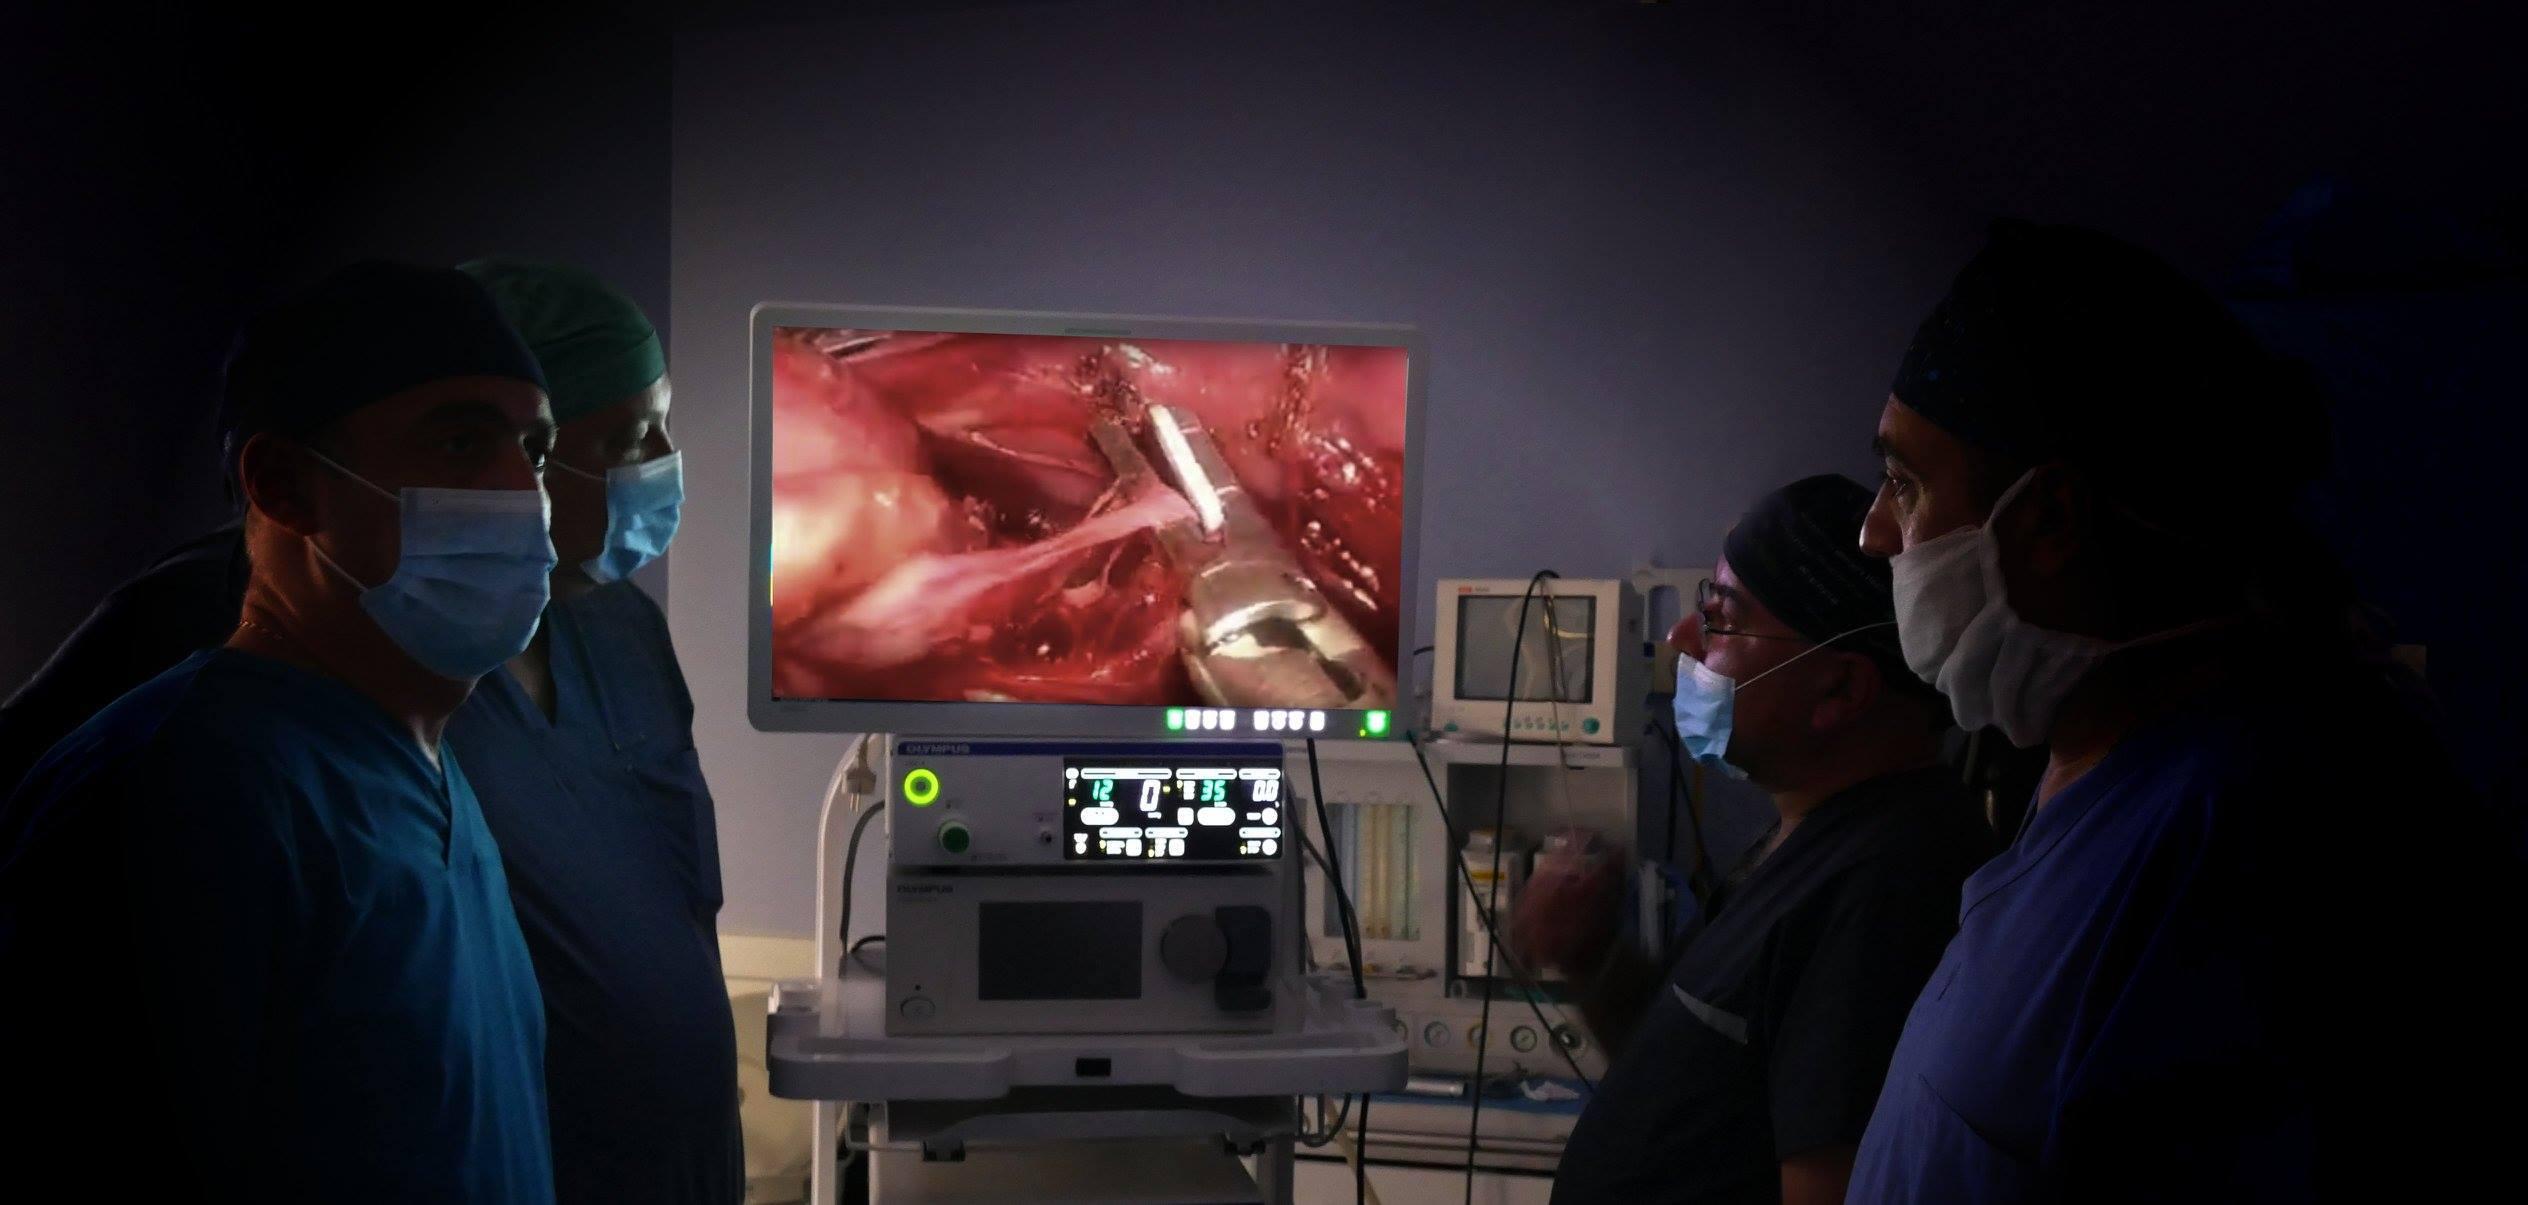 ფარისებრი ჯირკვლის ოპერაცია 50% ფასდაკლებით